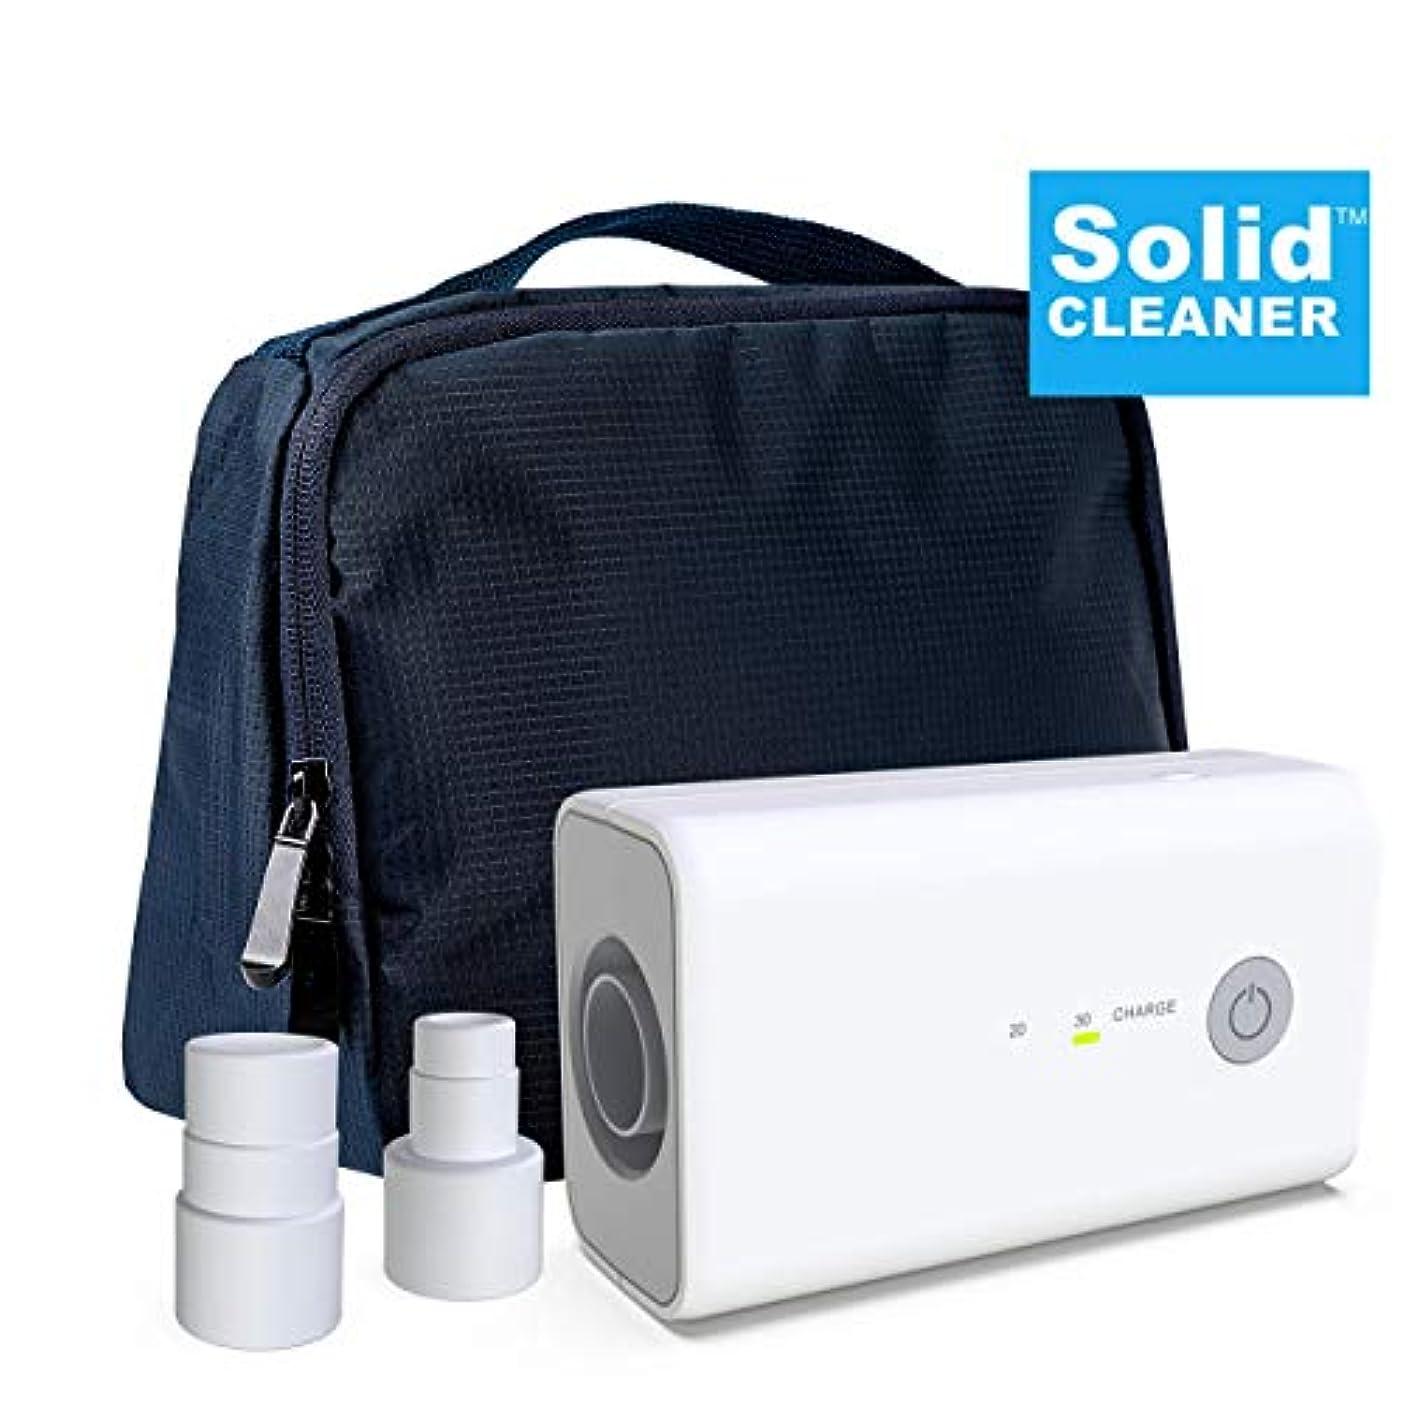 インディカ輸血息切れSolidcleaner 新しい クリーナーと消毒剤 バンドル バッグ互換性 加熱ホースアダプタアダプタポータブル充電式マスクチューブクリーナーを消毒含み Upgraedバンドル ライトグレー